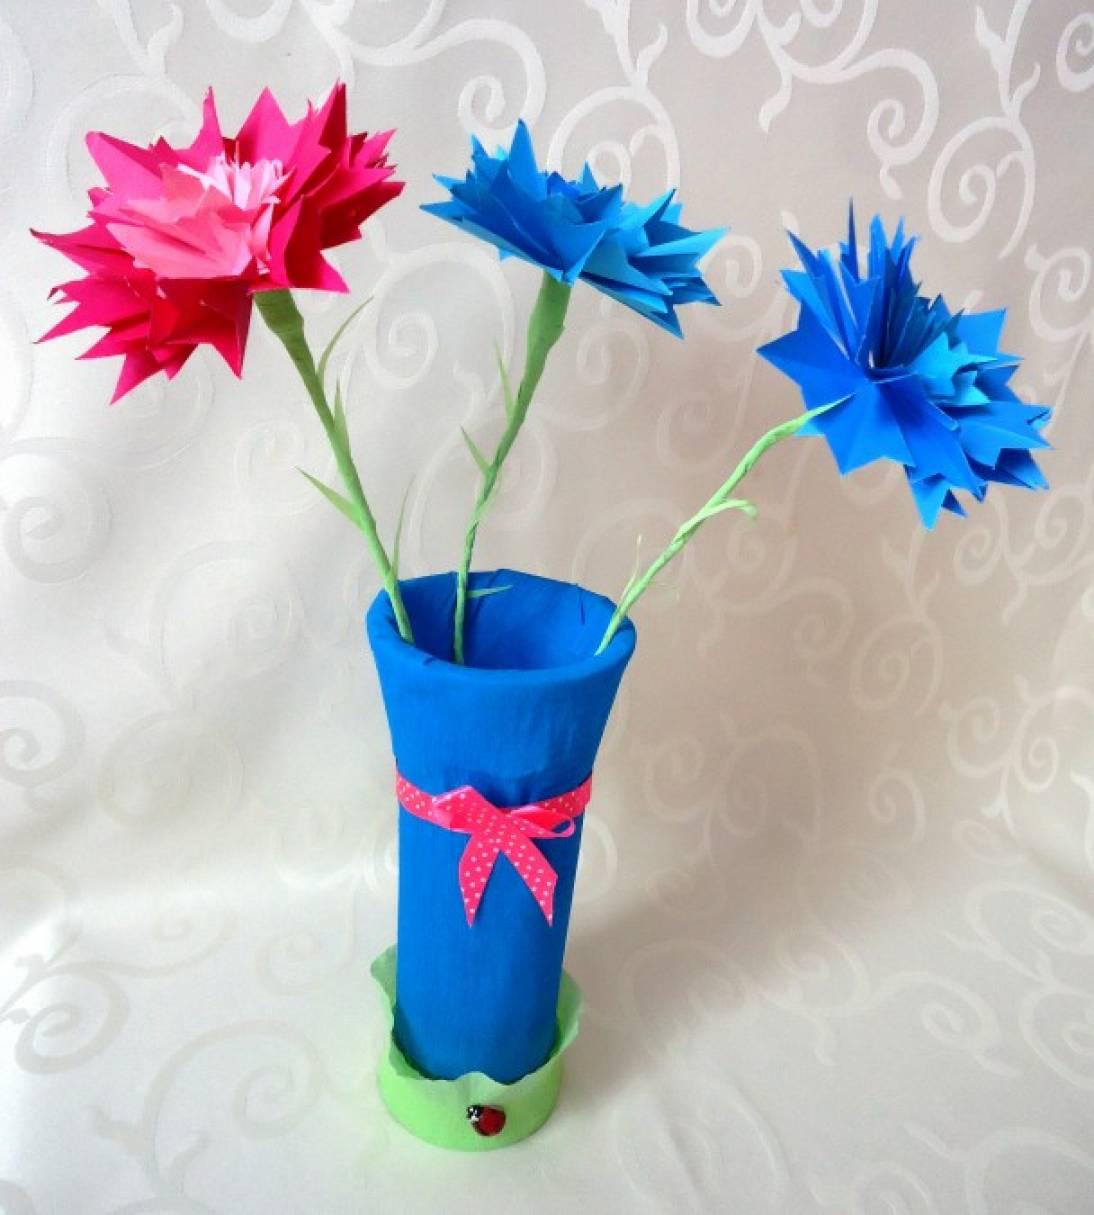 Василёк. Мастер-класс цветка из бумаги в технике оригами